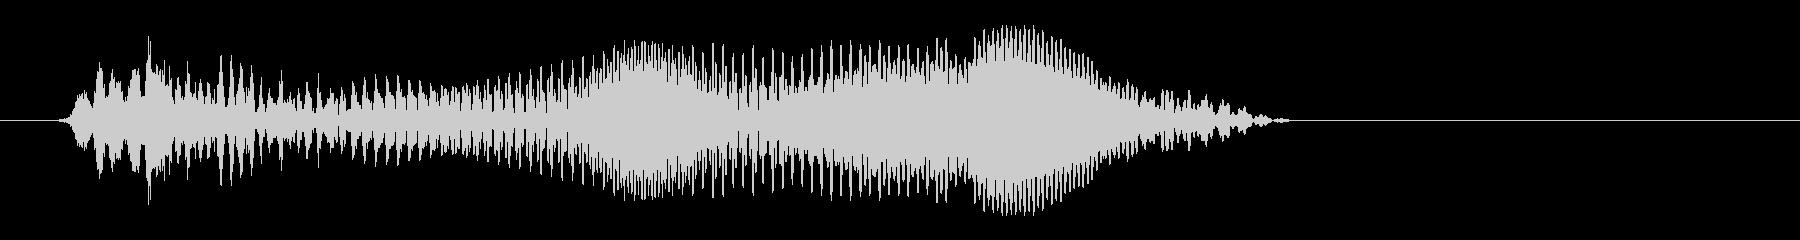 あう(何かがくにゃっとなったような音)の未再生の波形